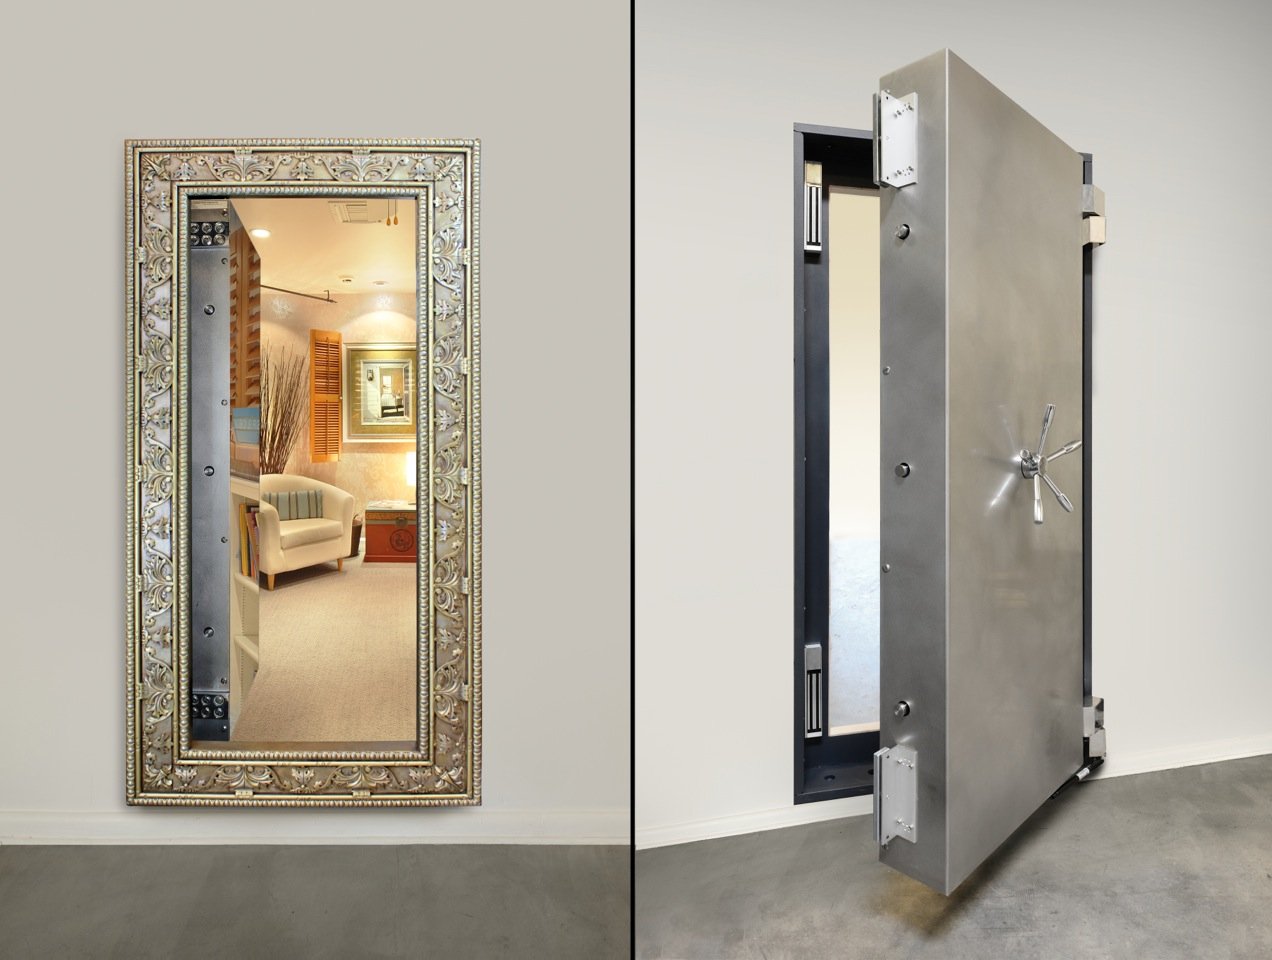 Ex&le Walk-in Gun Safes Using Our Secret Doors & Vault Doors - Secret Vault Doors for Homes - Highly Secure u0026 Custom